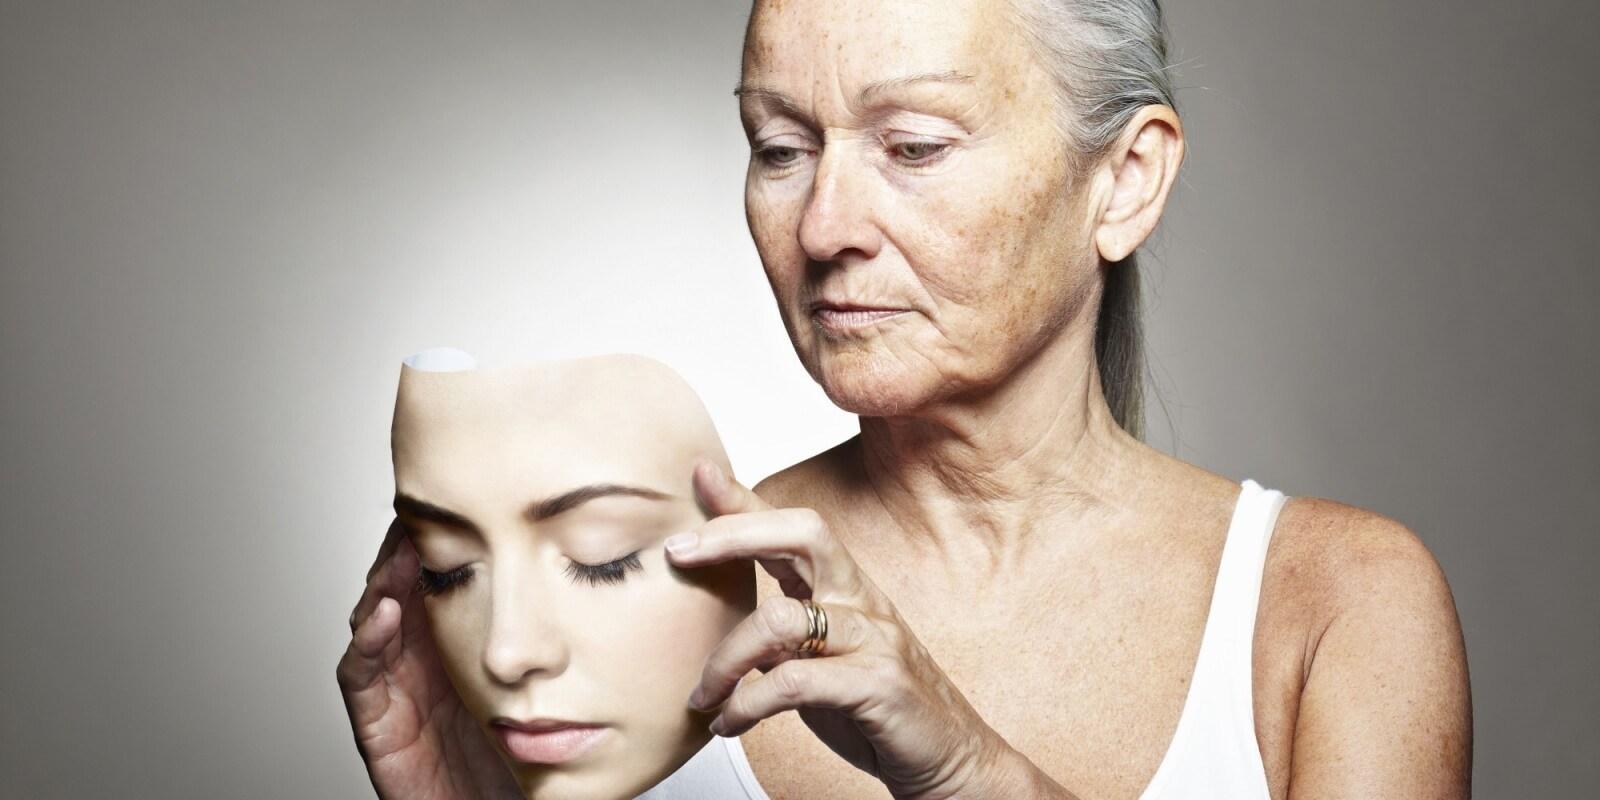 mulher mais velha segurando um rosto de uma mulher mais nova